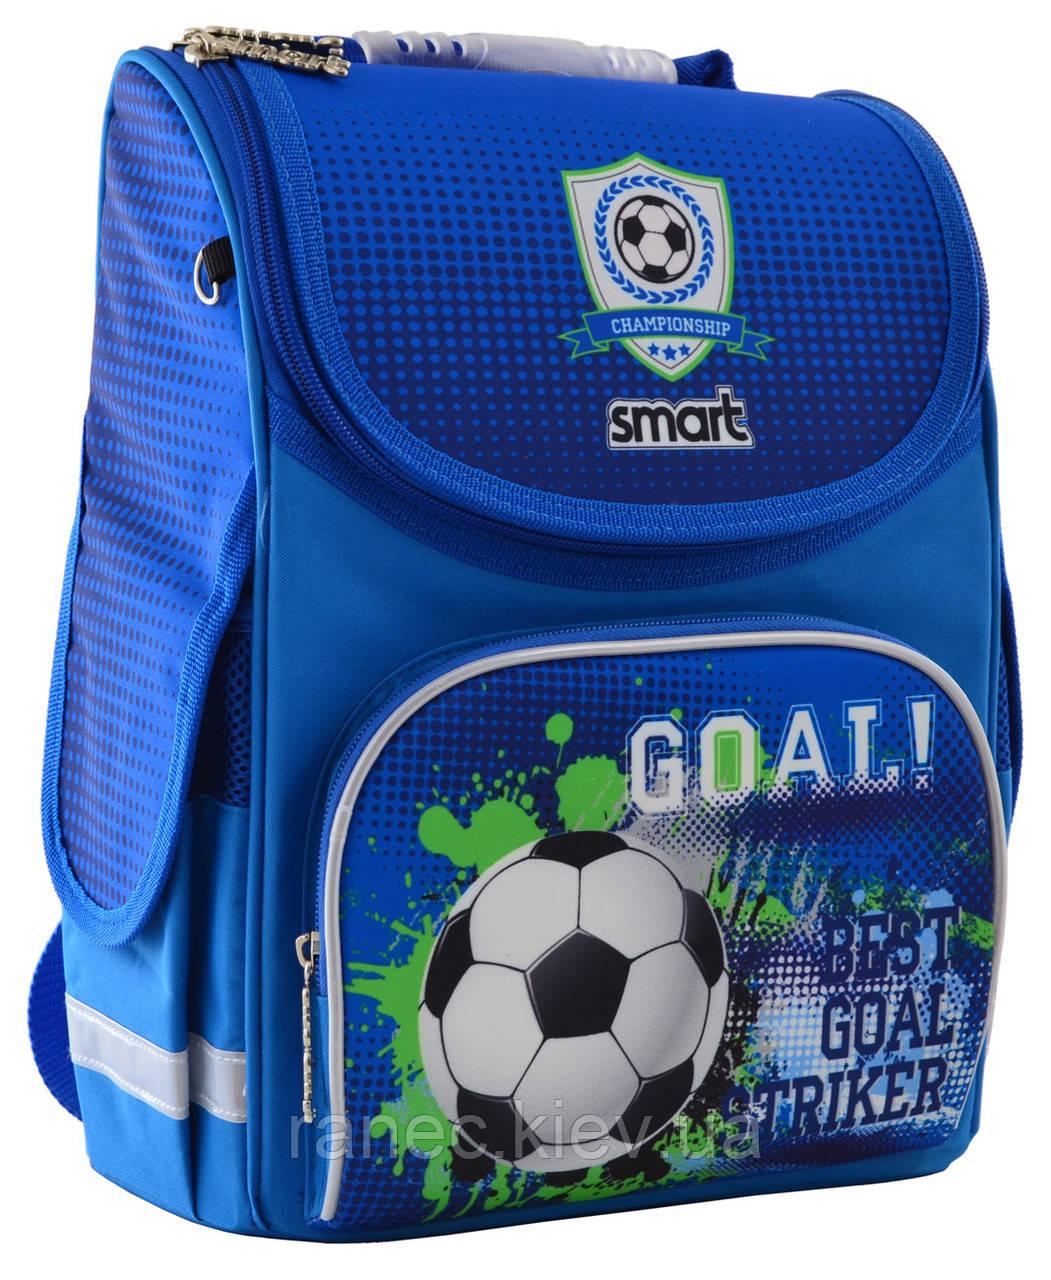 Рюкзак школьный каркасный 1 Вересня Smart PG-11 Goal для мальчика 555993